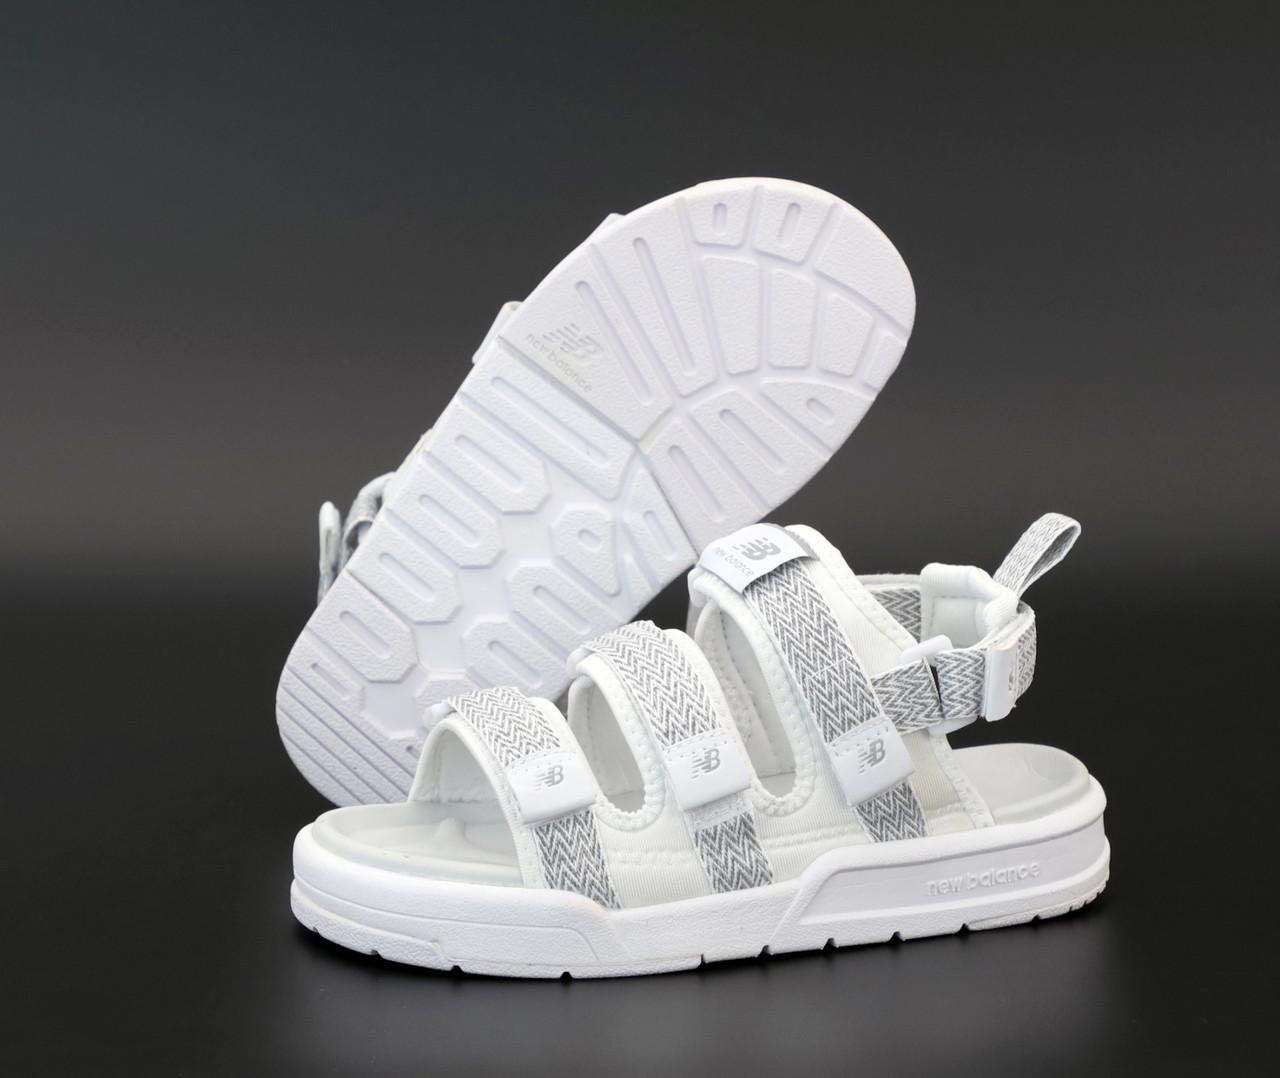 Женские / мужские New Balance Sandals, сандалии нью беленс, сандалии New Balance, сандалі New Balance